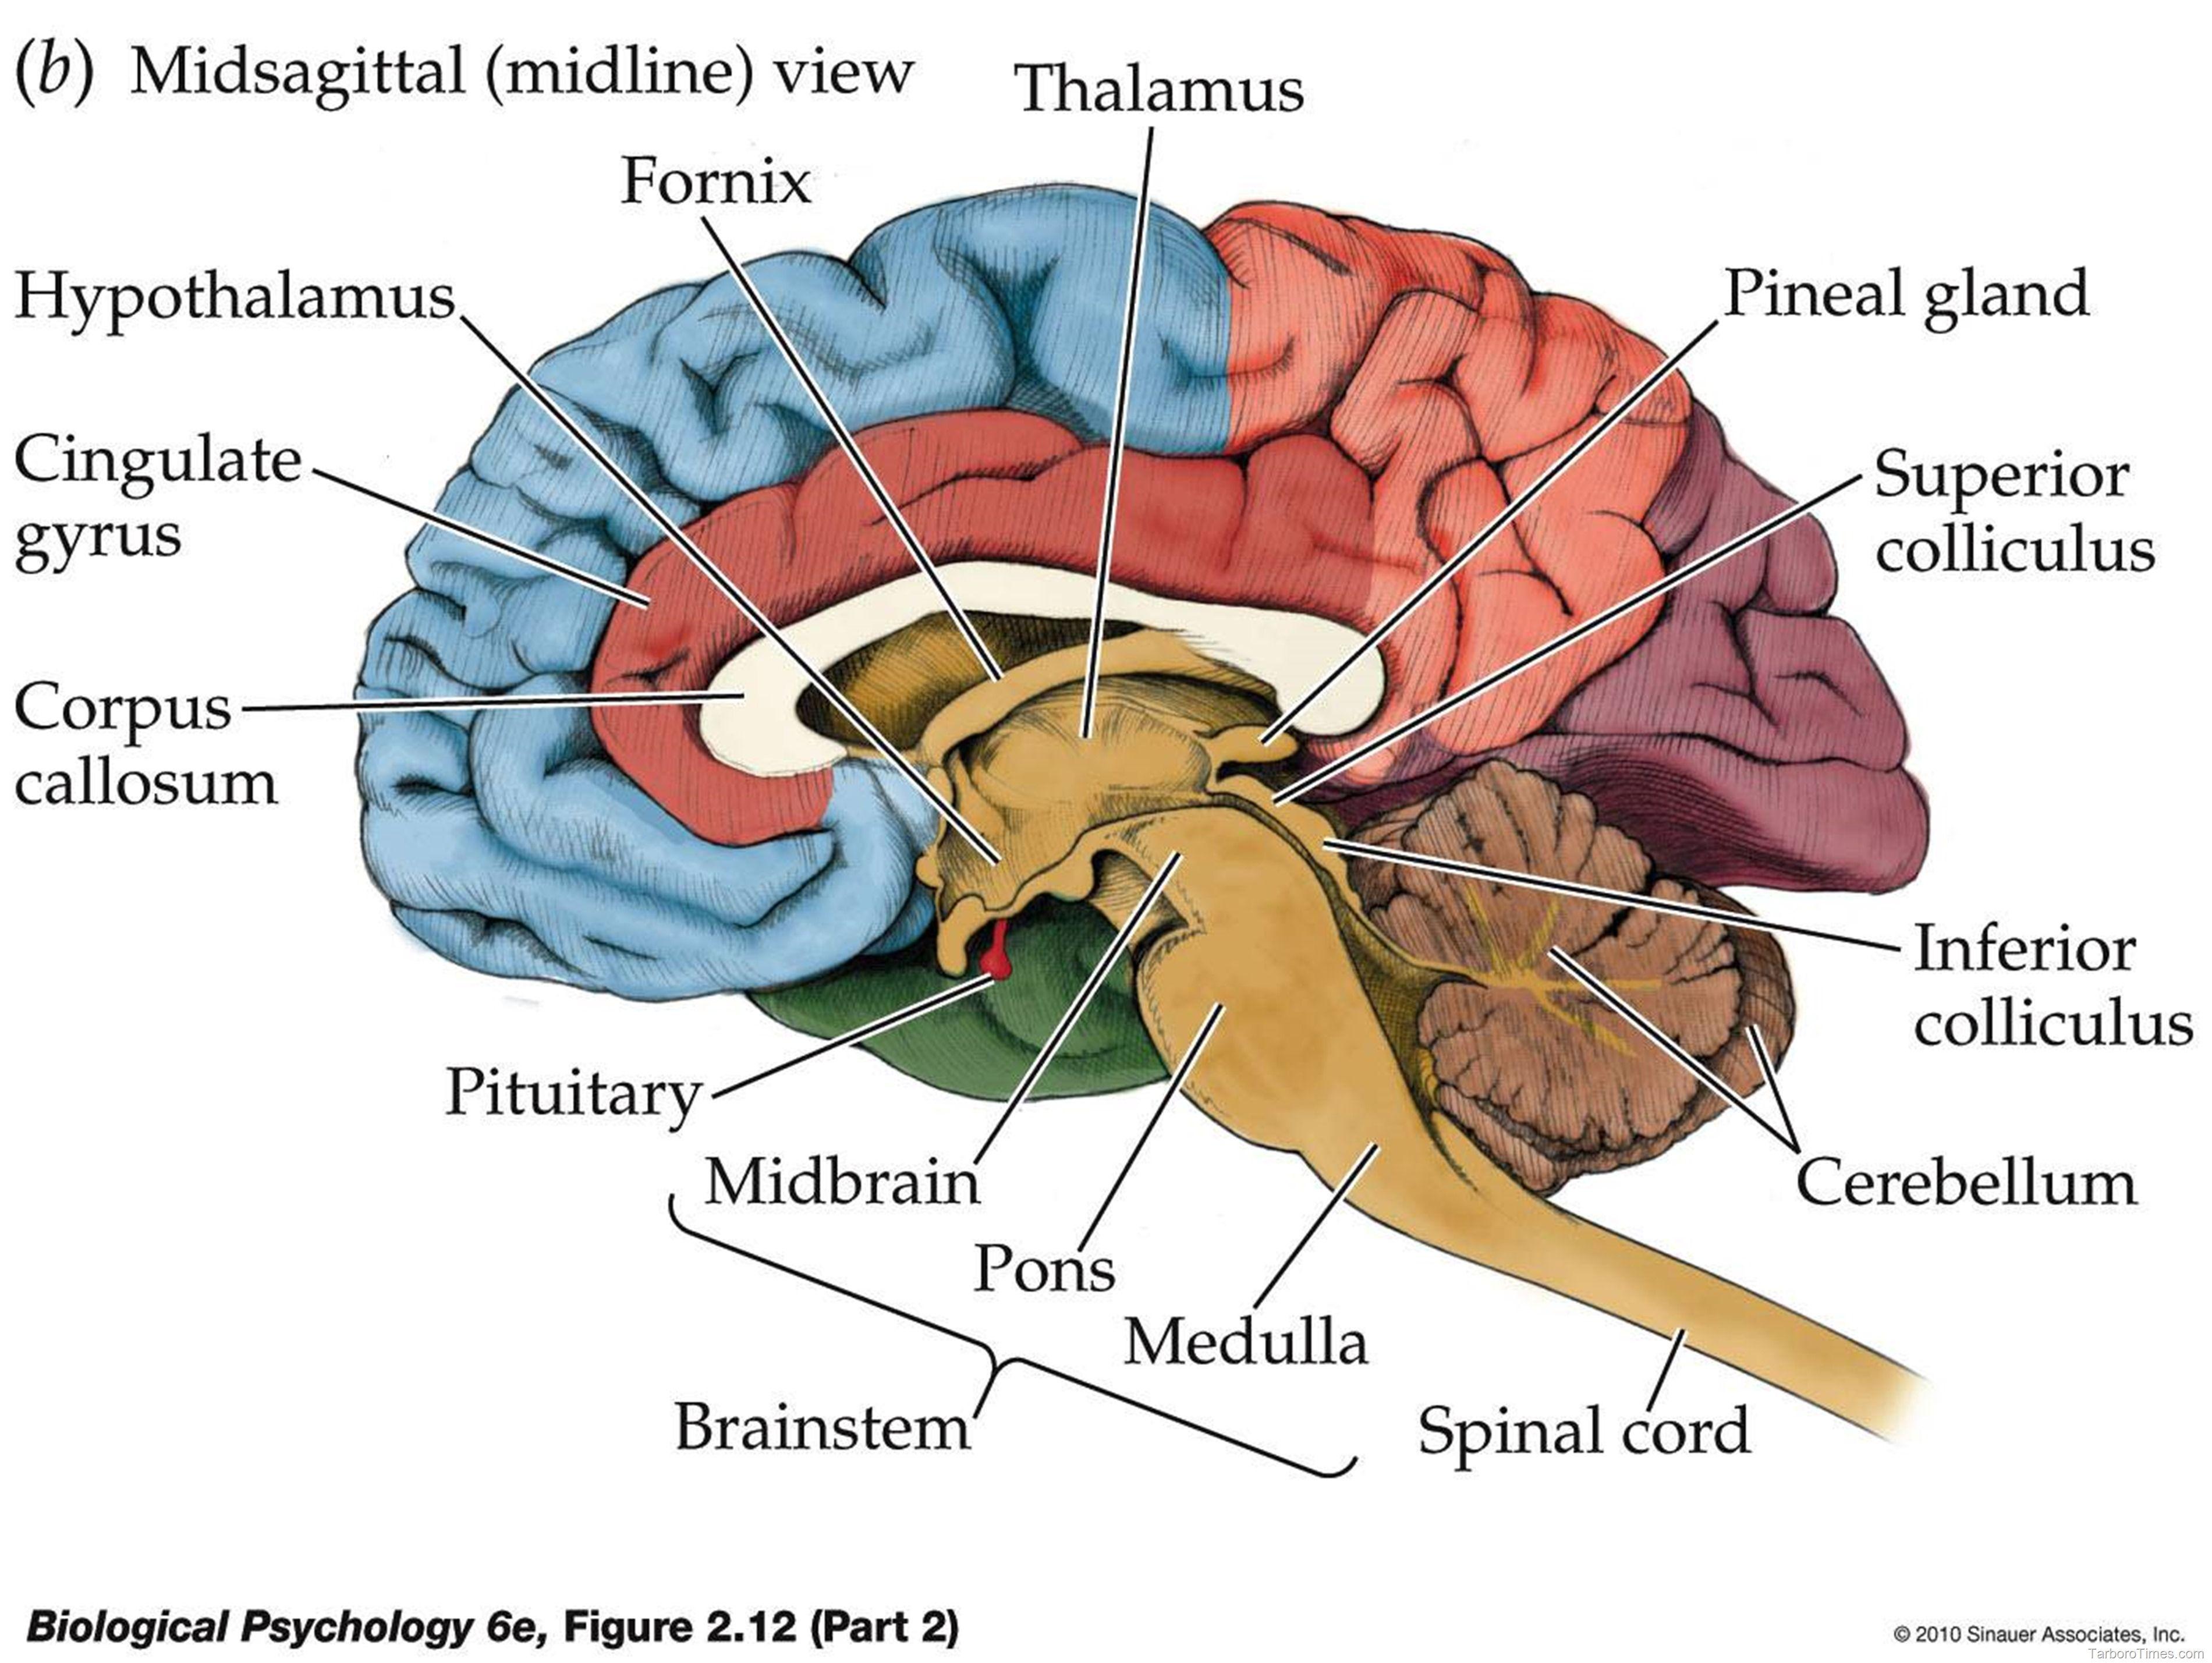 Human Brain Anatomy And Function Humananatomychartfo